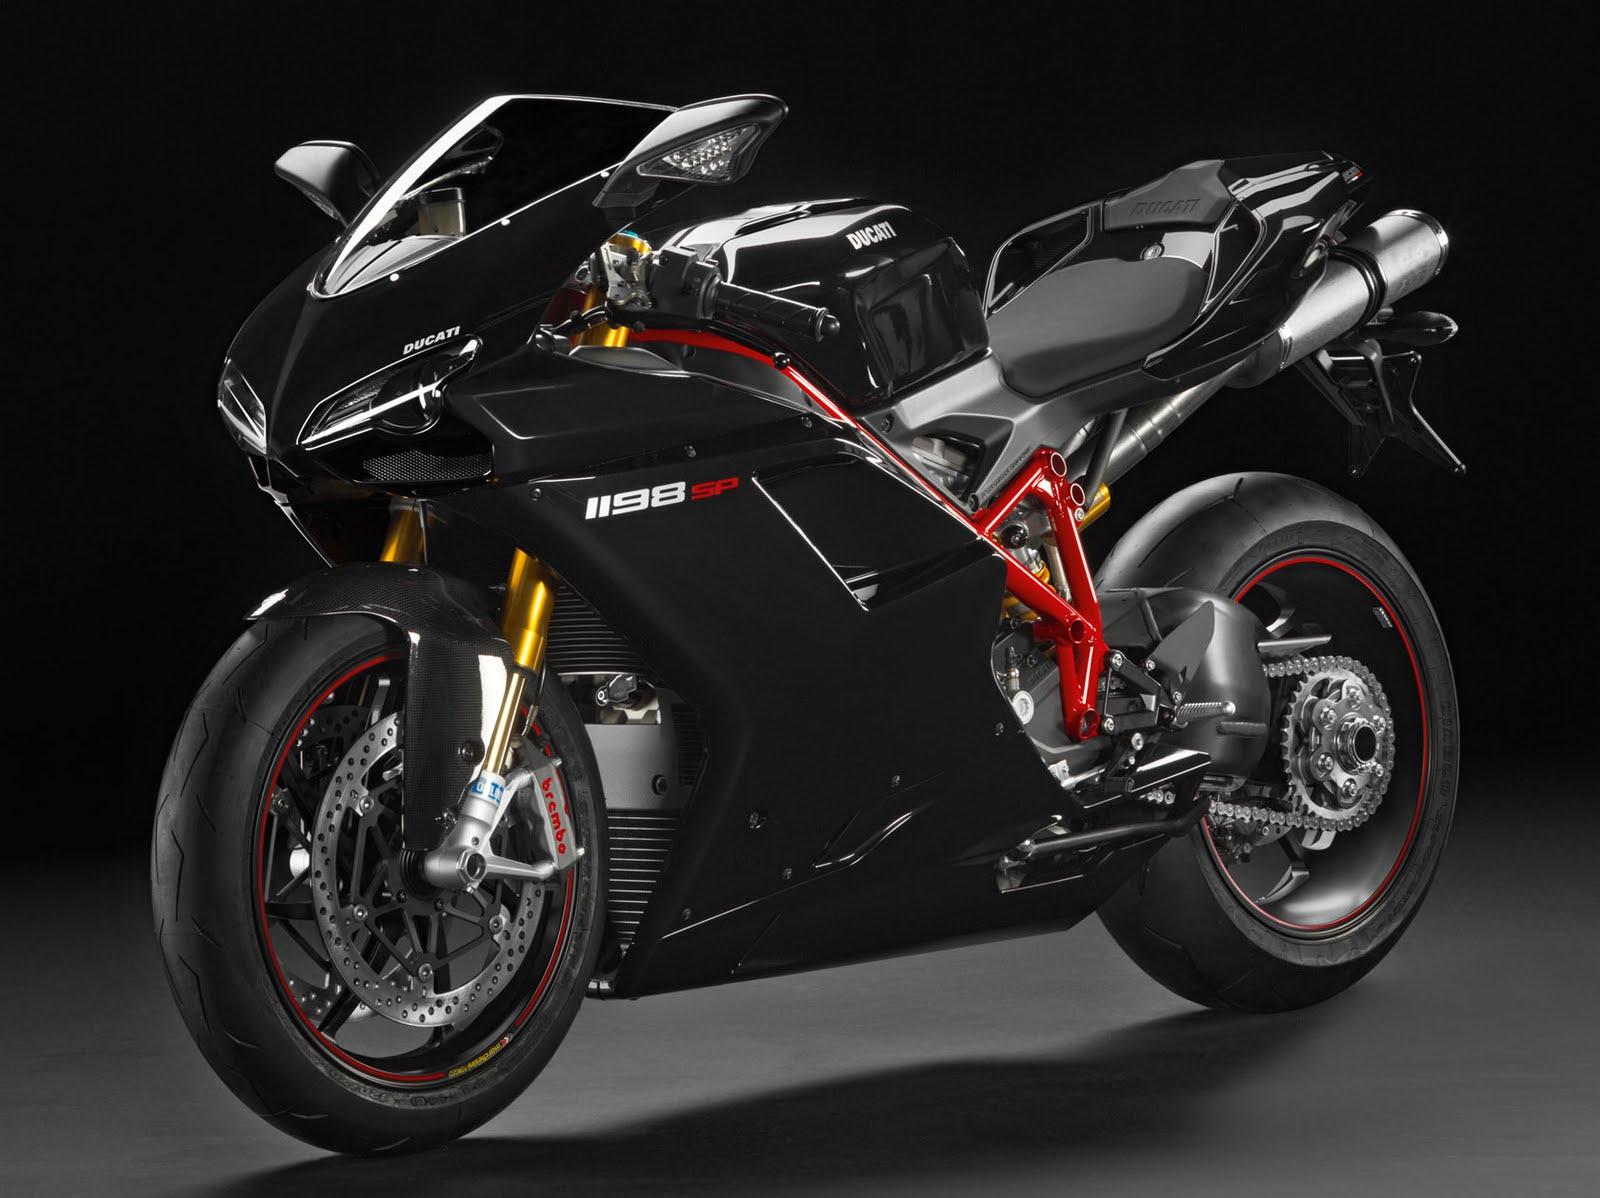 Sandeep Rana Ducati Superbike 1198 Sp